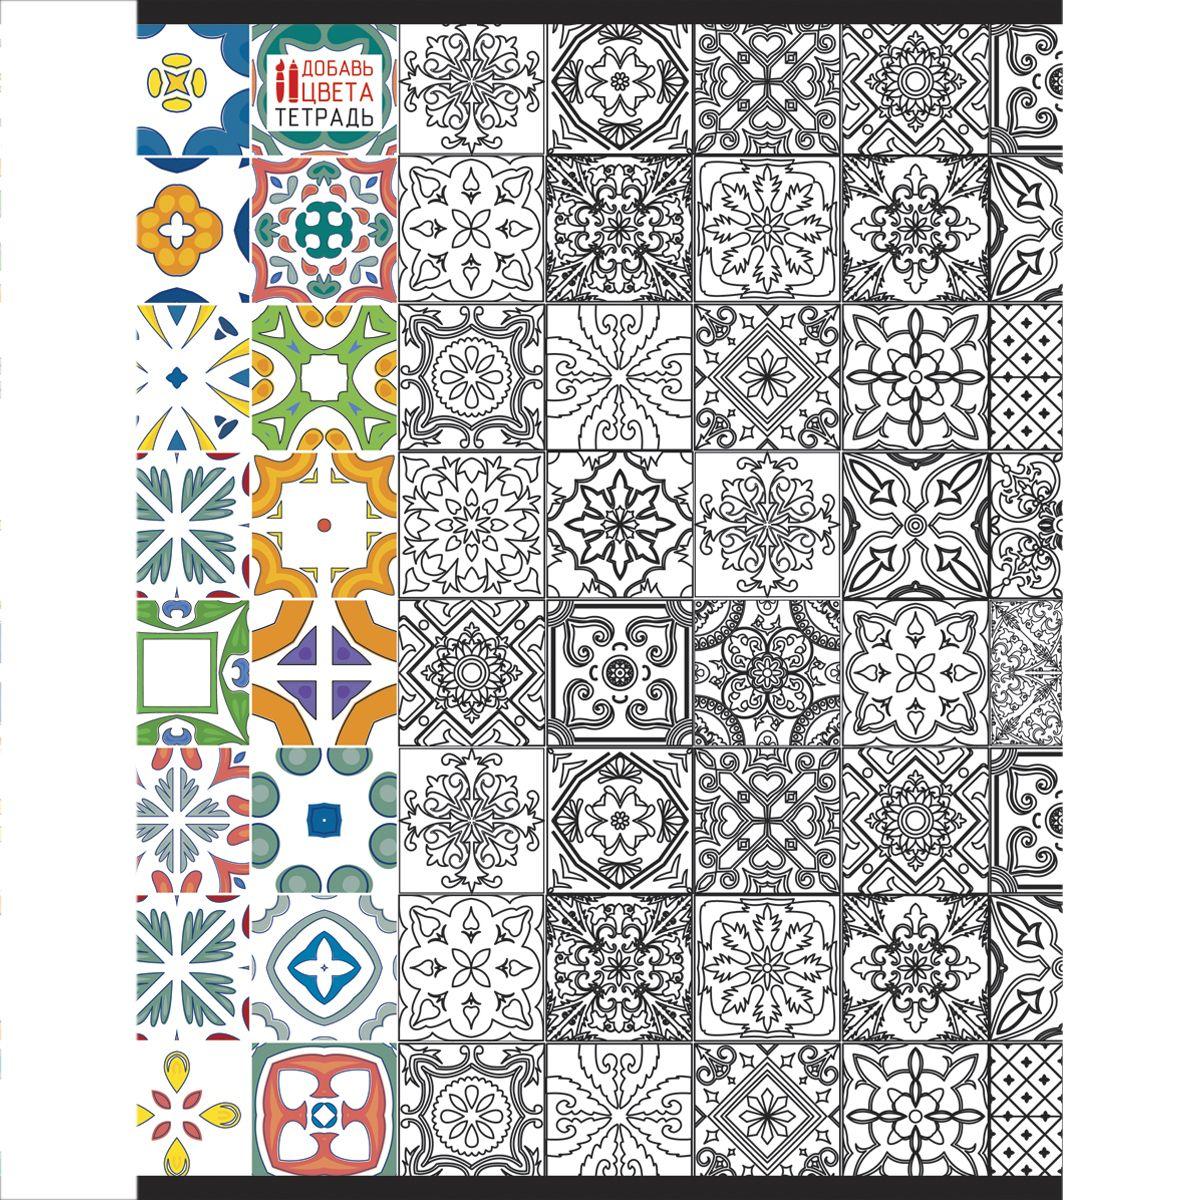 Канц-Эксмо Тетрадь Пестрая мозаика 48 листов в клетку формат А4ТК9601Тетрадь Канц-Эксмо Пестрая мозаика формата А4 великолепно подойдет для конспектов и различных записей.Тетрадь имеет внутренний блок на скрепках из белой офсетной бумаги плотностью 60гр/м2 с разметкой в клетку. Обложка из мелованного картона с матовым ВД-лаком оформлена раскраской.